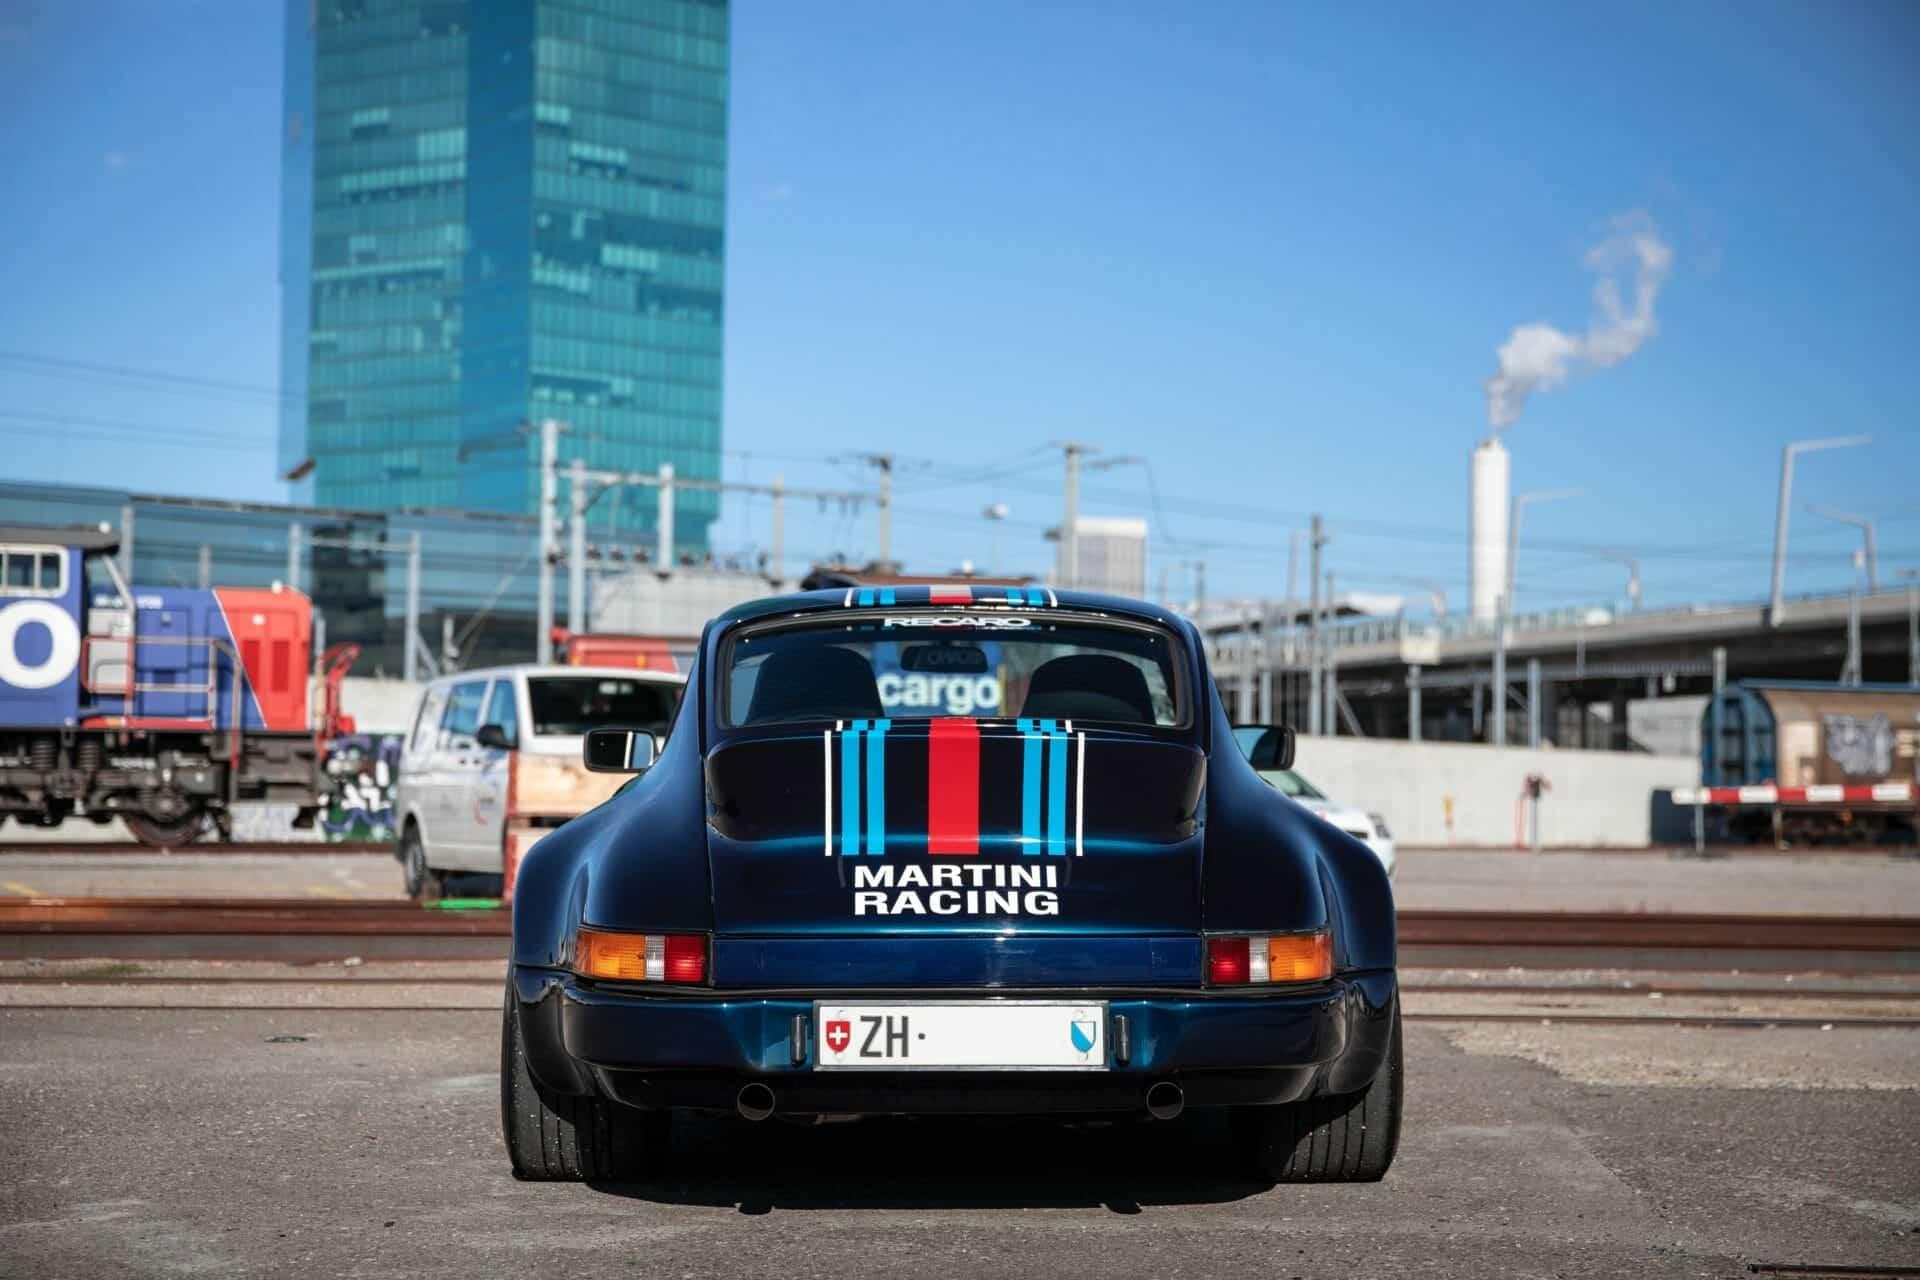 Porsche 911 Martini81 - Picture 17